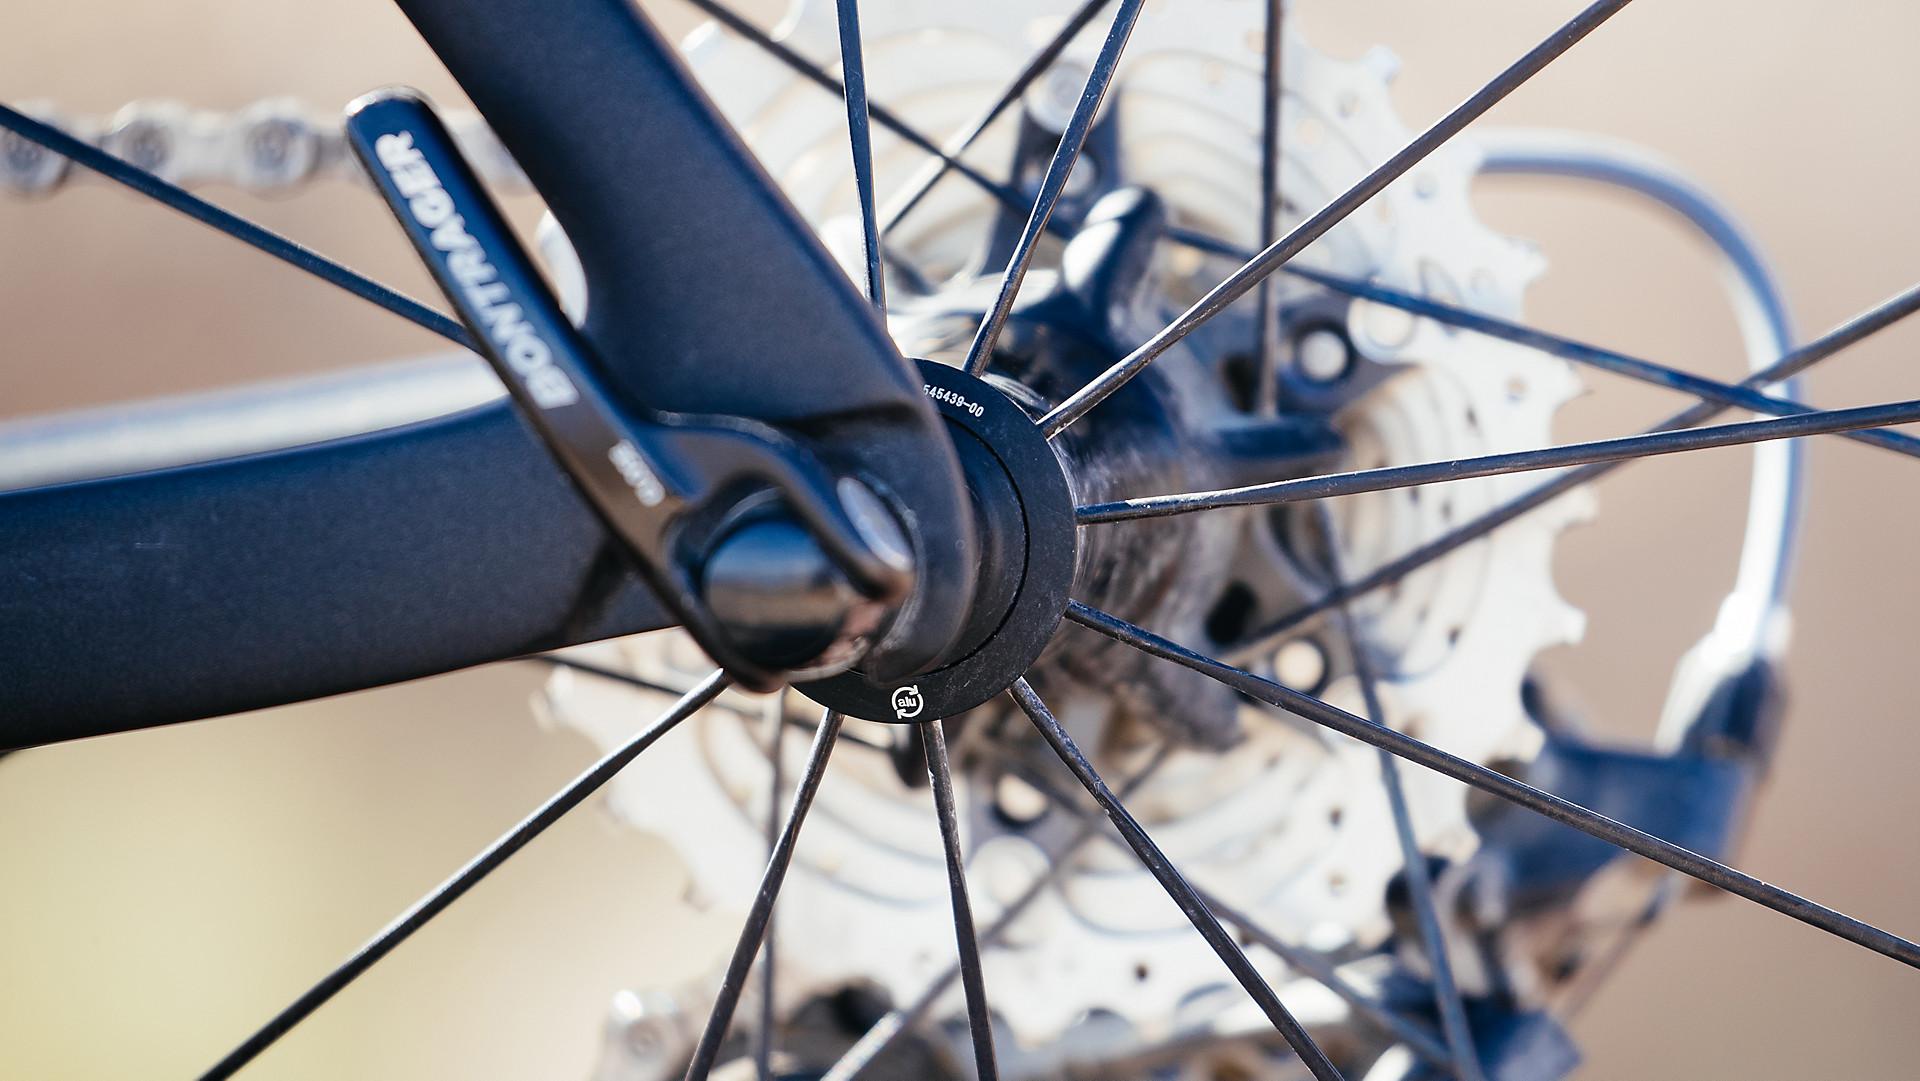 Bike skewers | Trek Bikes (GB)